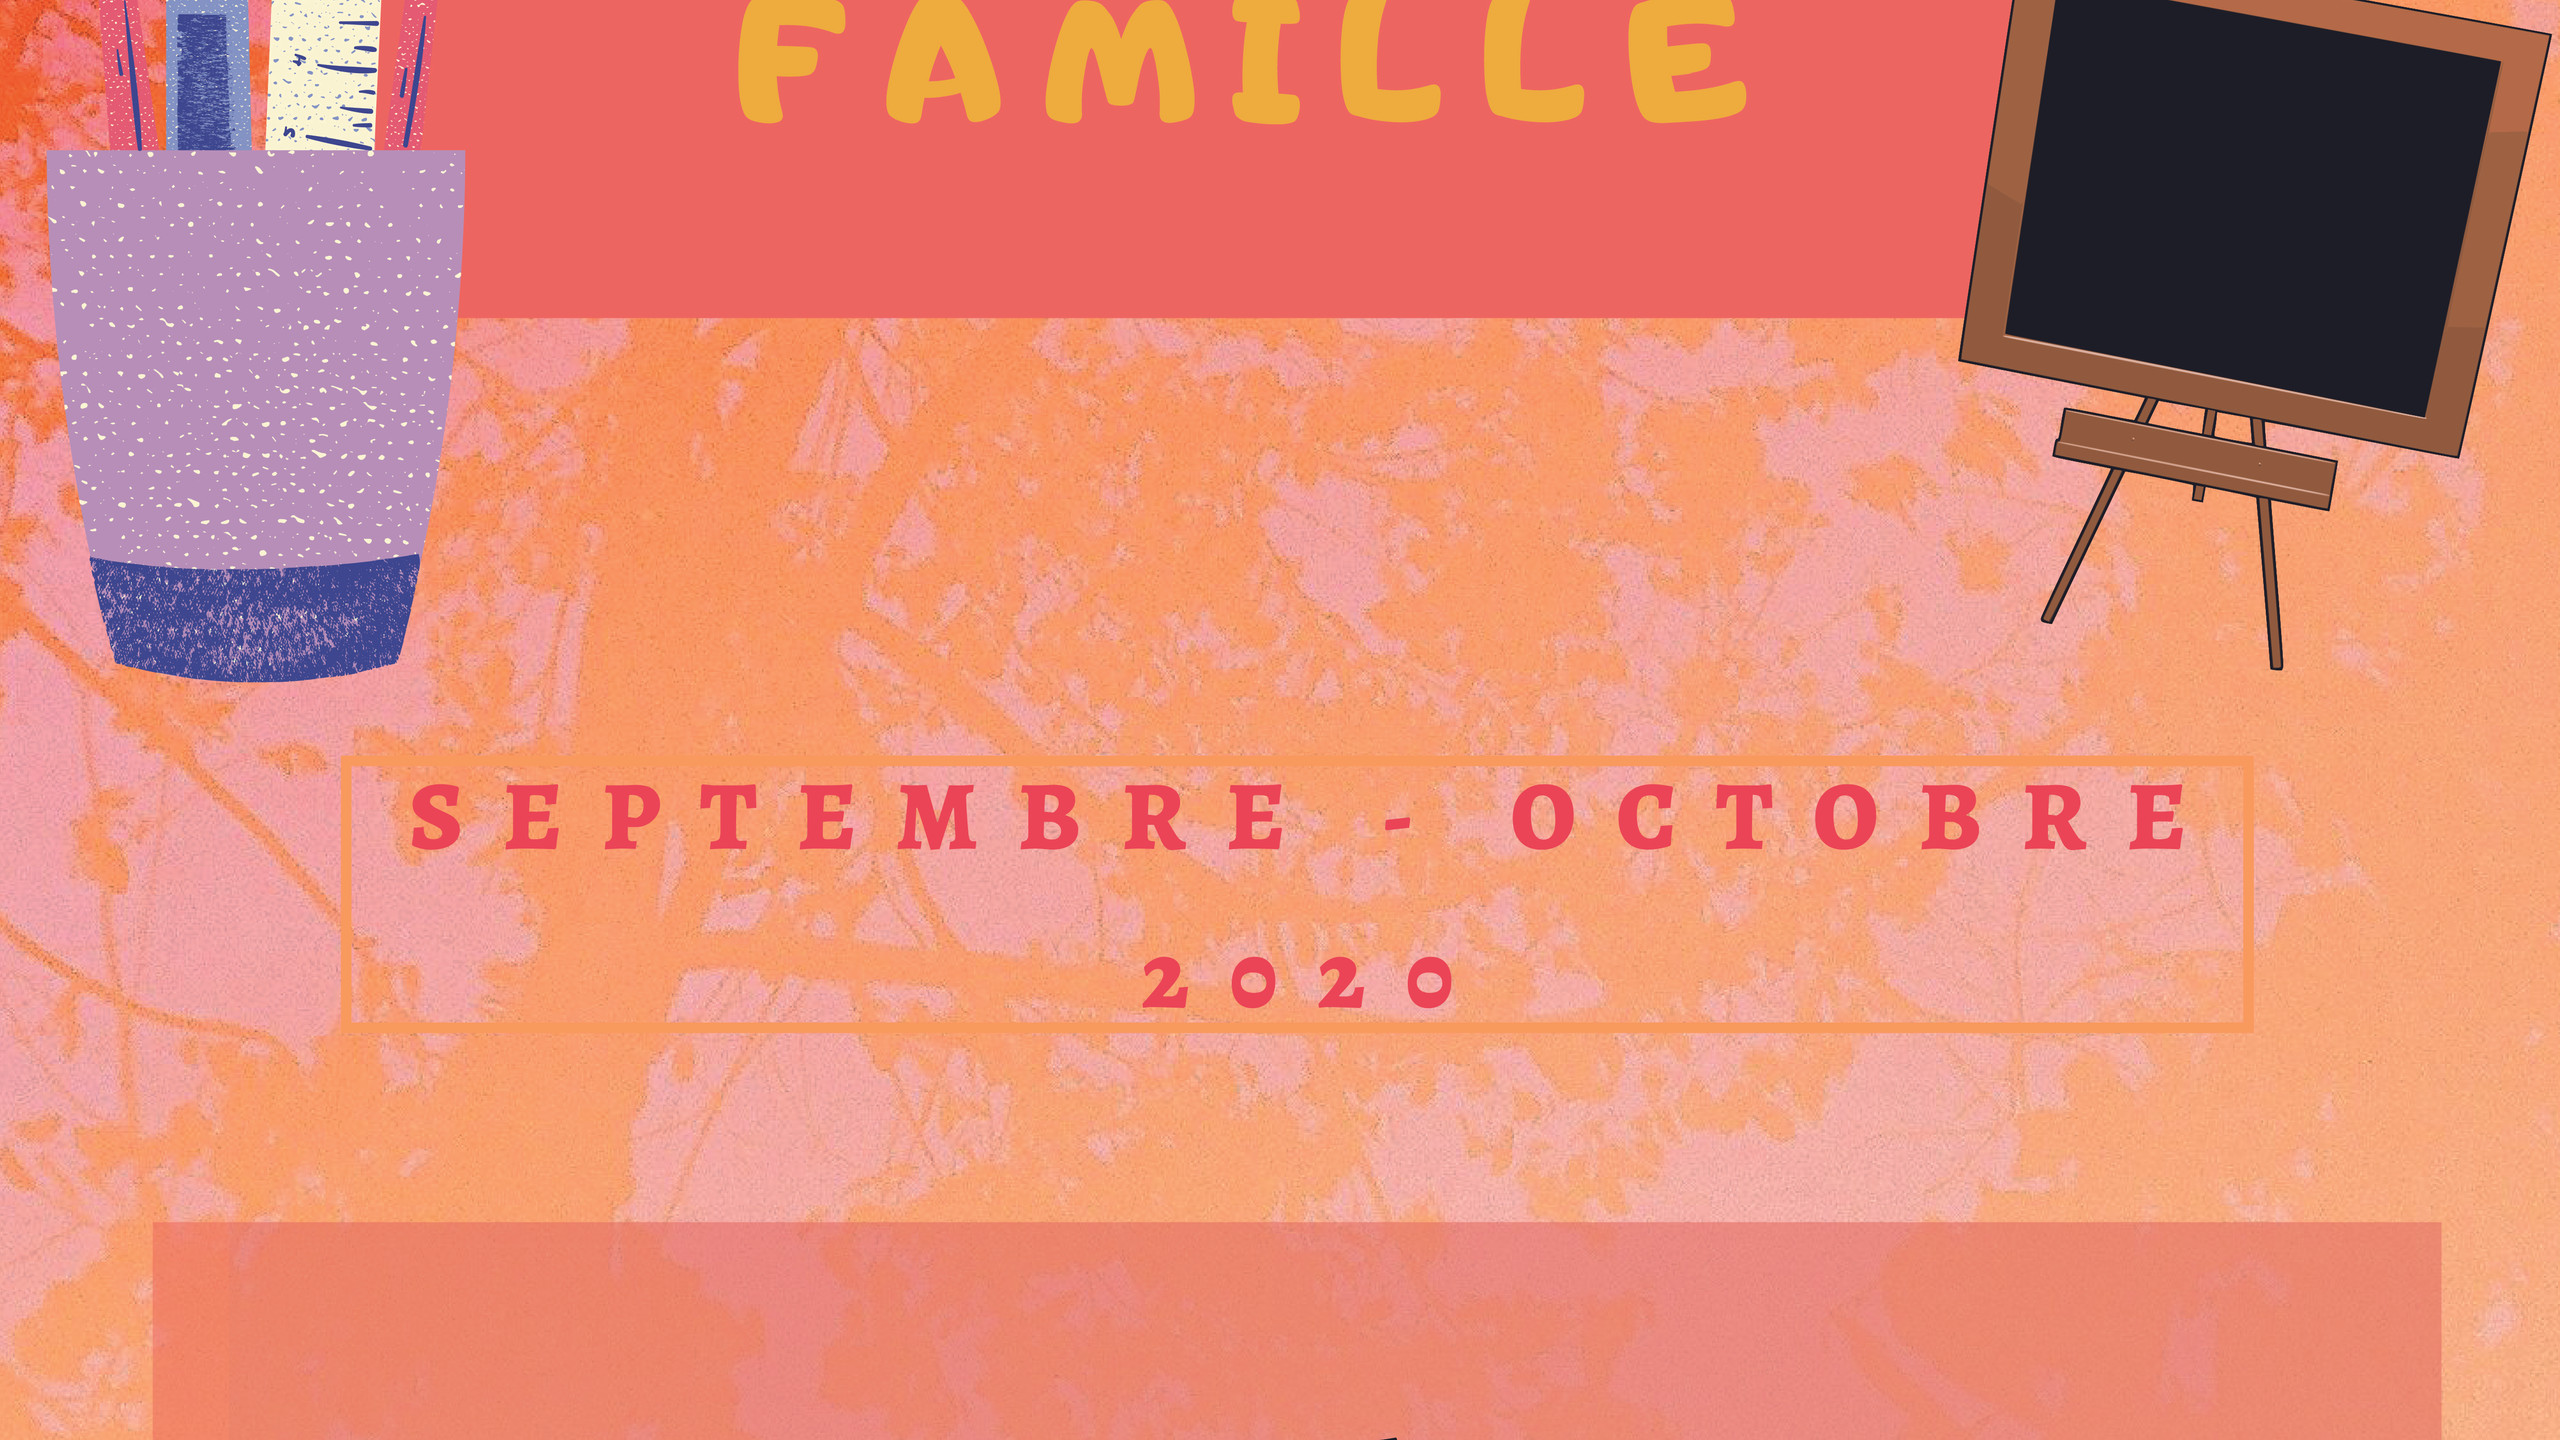 Programme Famille sept oct 2020 - Secteu